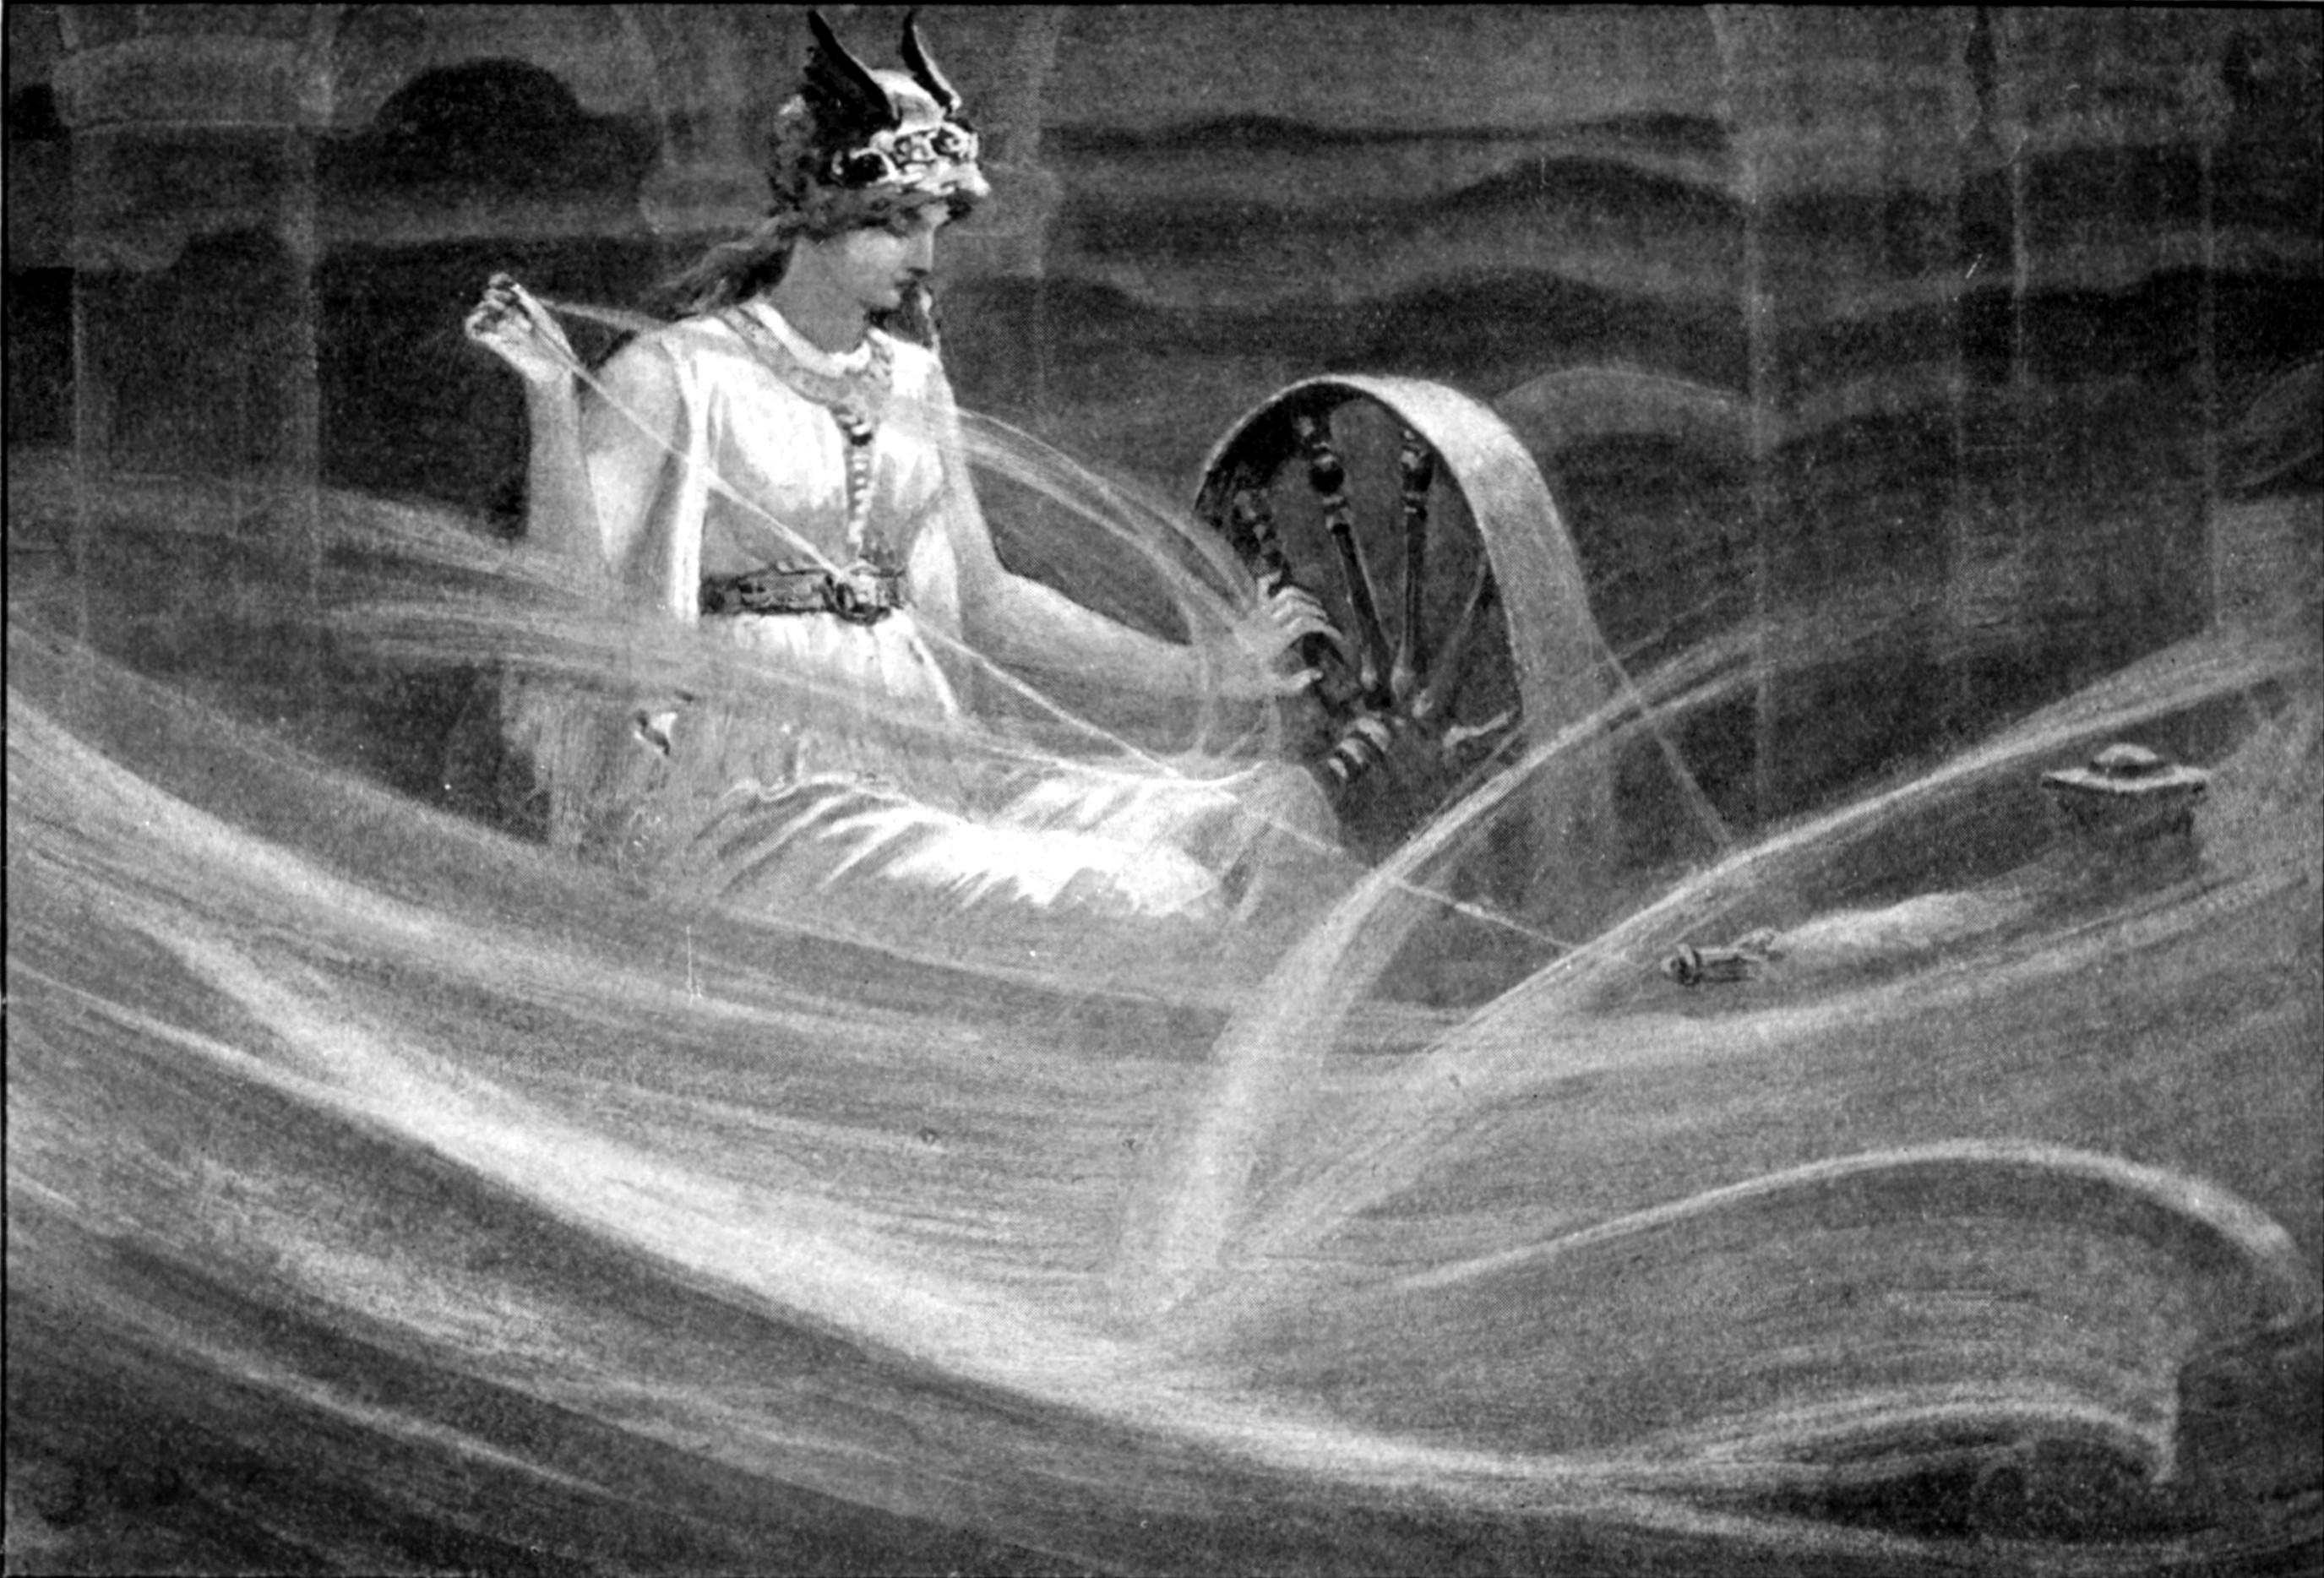 Como a mitologia transformou Frigga em uma lenda justificando a superstição por trás do número 13 (Foto: Wikimedia/John Charles Dollman )